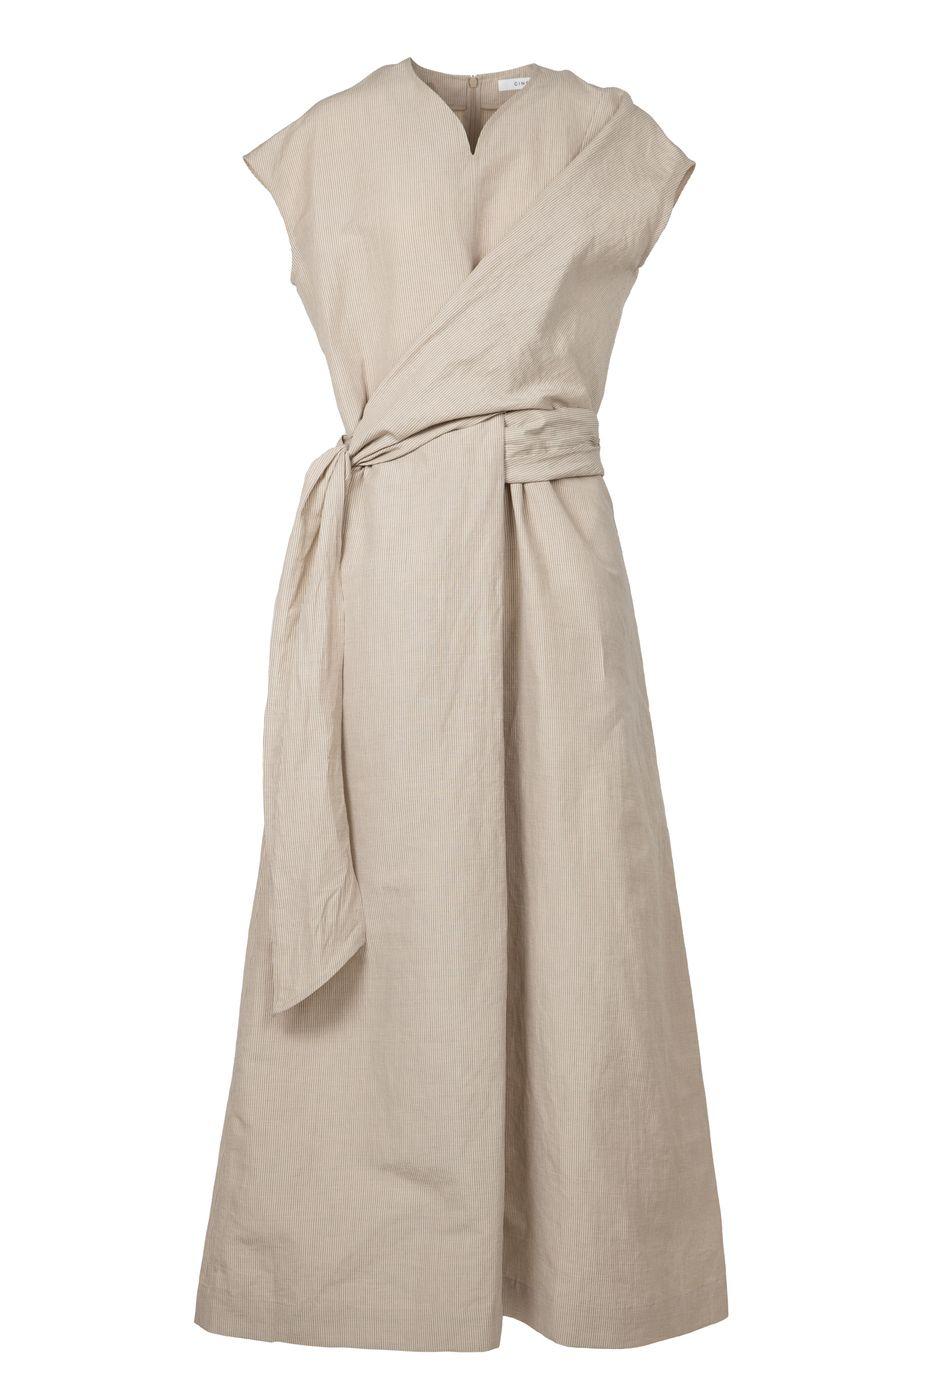 連載 今決めたい 最新 最鋭アイテム cinoh 2021ss ワンピース ワークドレス ドレス